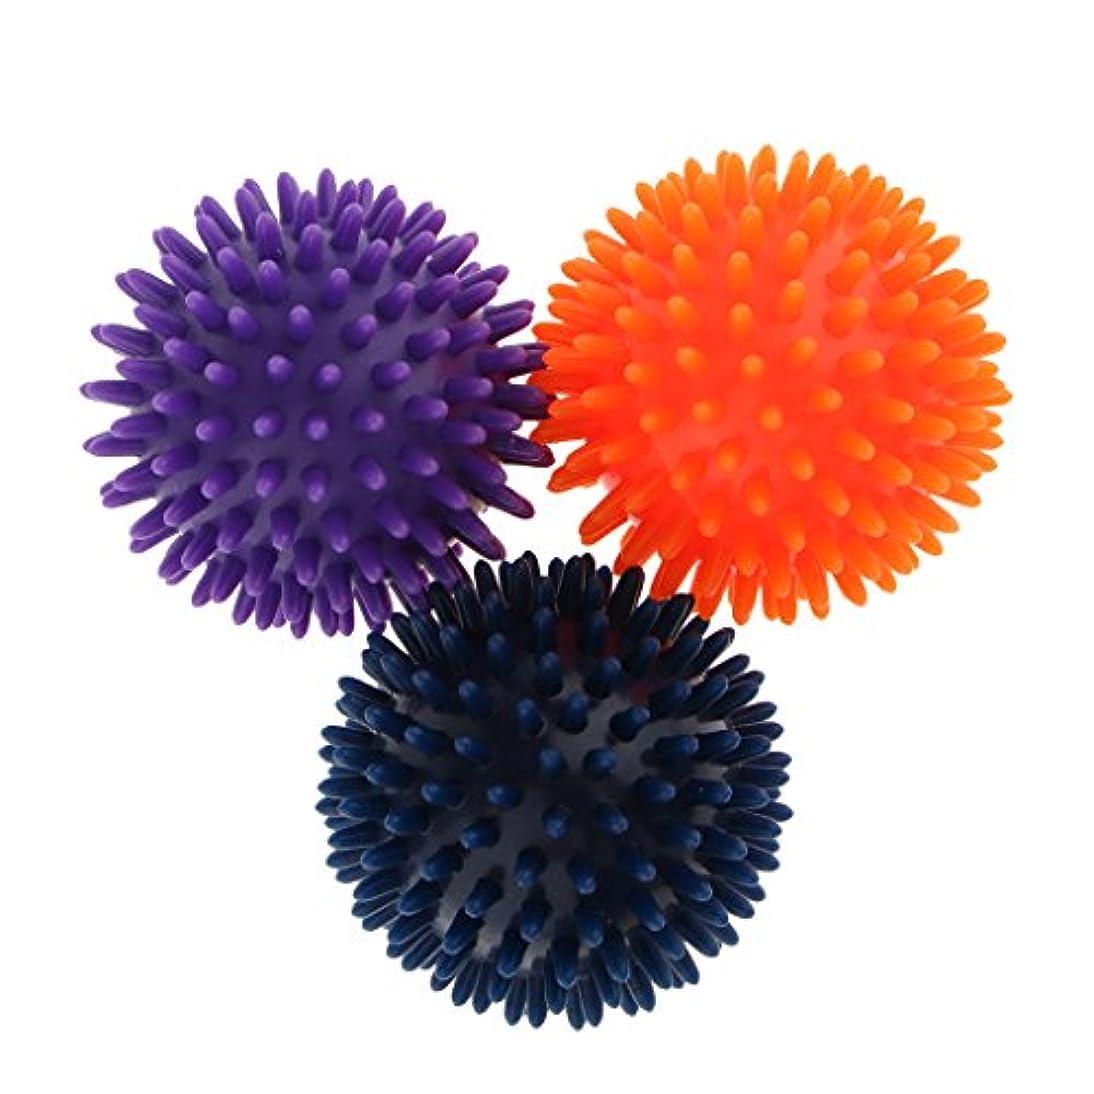 あなたのもの体細胞トライアスリートマッサージボール スパイシー マッサージ ボディトリガー リラックス 3個セット 2タイプ選べ - パープルオレンジブルー, 8cm